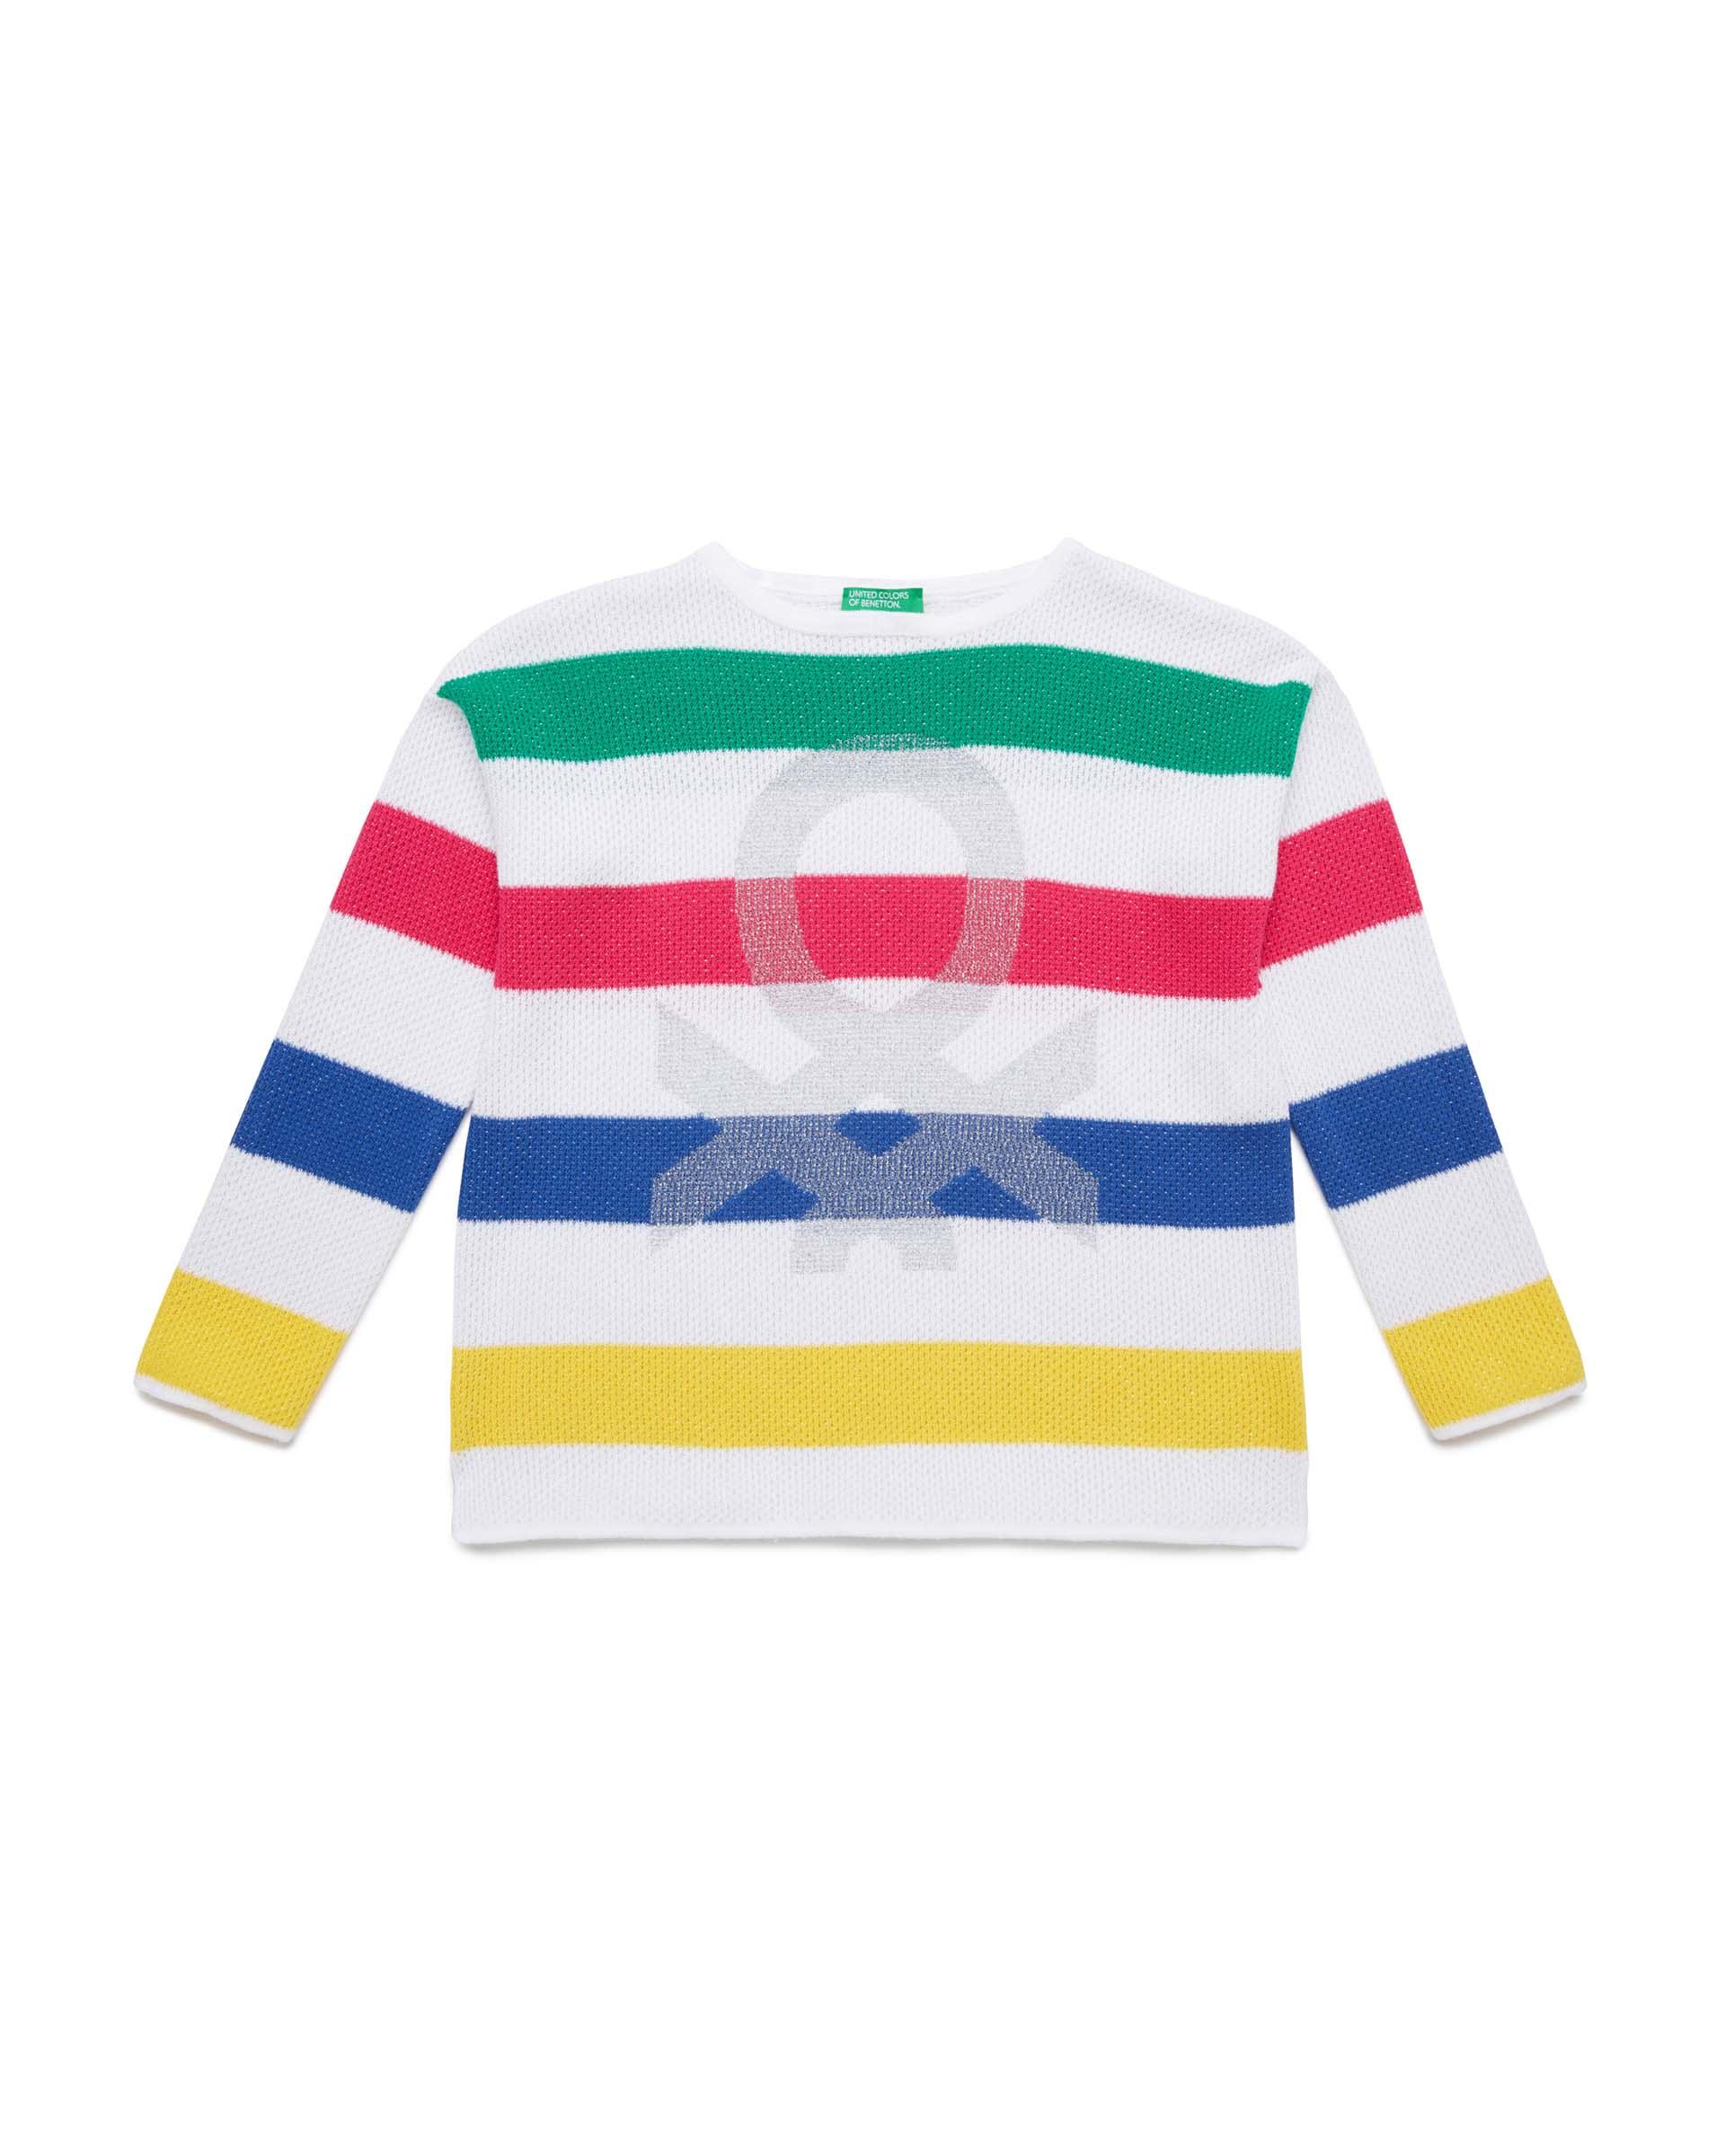 Купить 20P_1194Q1891_901, Джемпер для девочек Benetton 1194Q1891_901 р-р 110, United Colors of Benetton, Джемперы для девочек